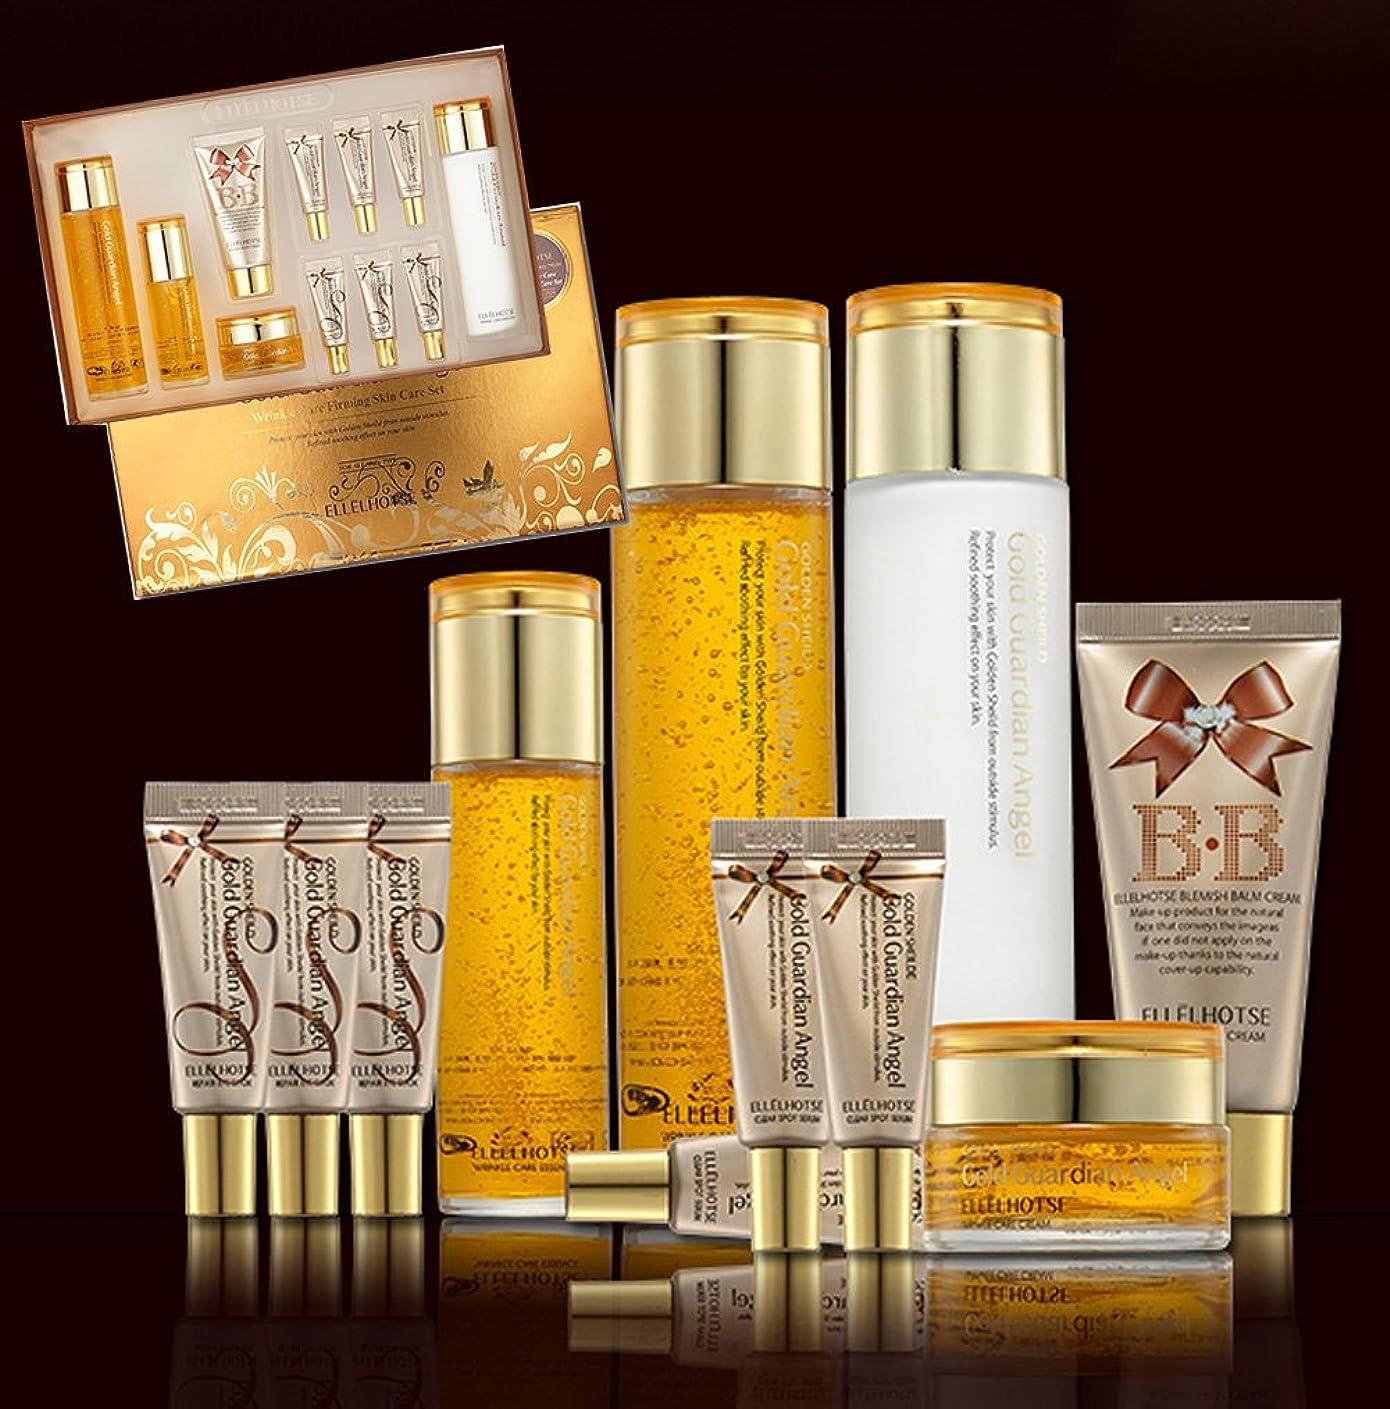 こんにちは補充イースター[ELLELHOTSE]ゴールドファーミングスキンケア7set/弾力&柔軟性/コエンザイムQ-10/韓国の化粧品/Gold Firming Skin Care 7set/resilience & flexibility/coenzyme Q-10/Korean Cosmetics [並行輸入品]